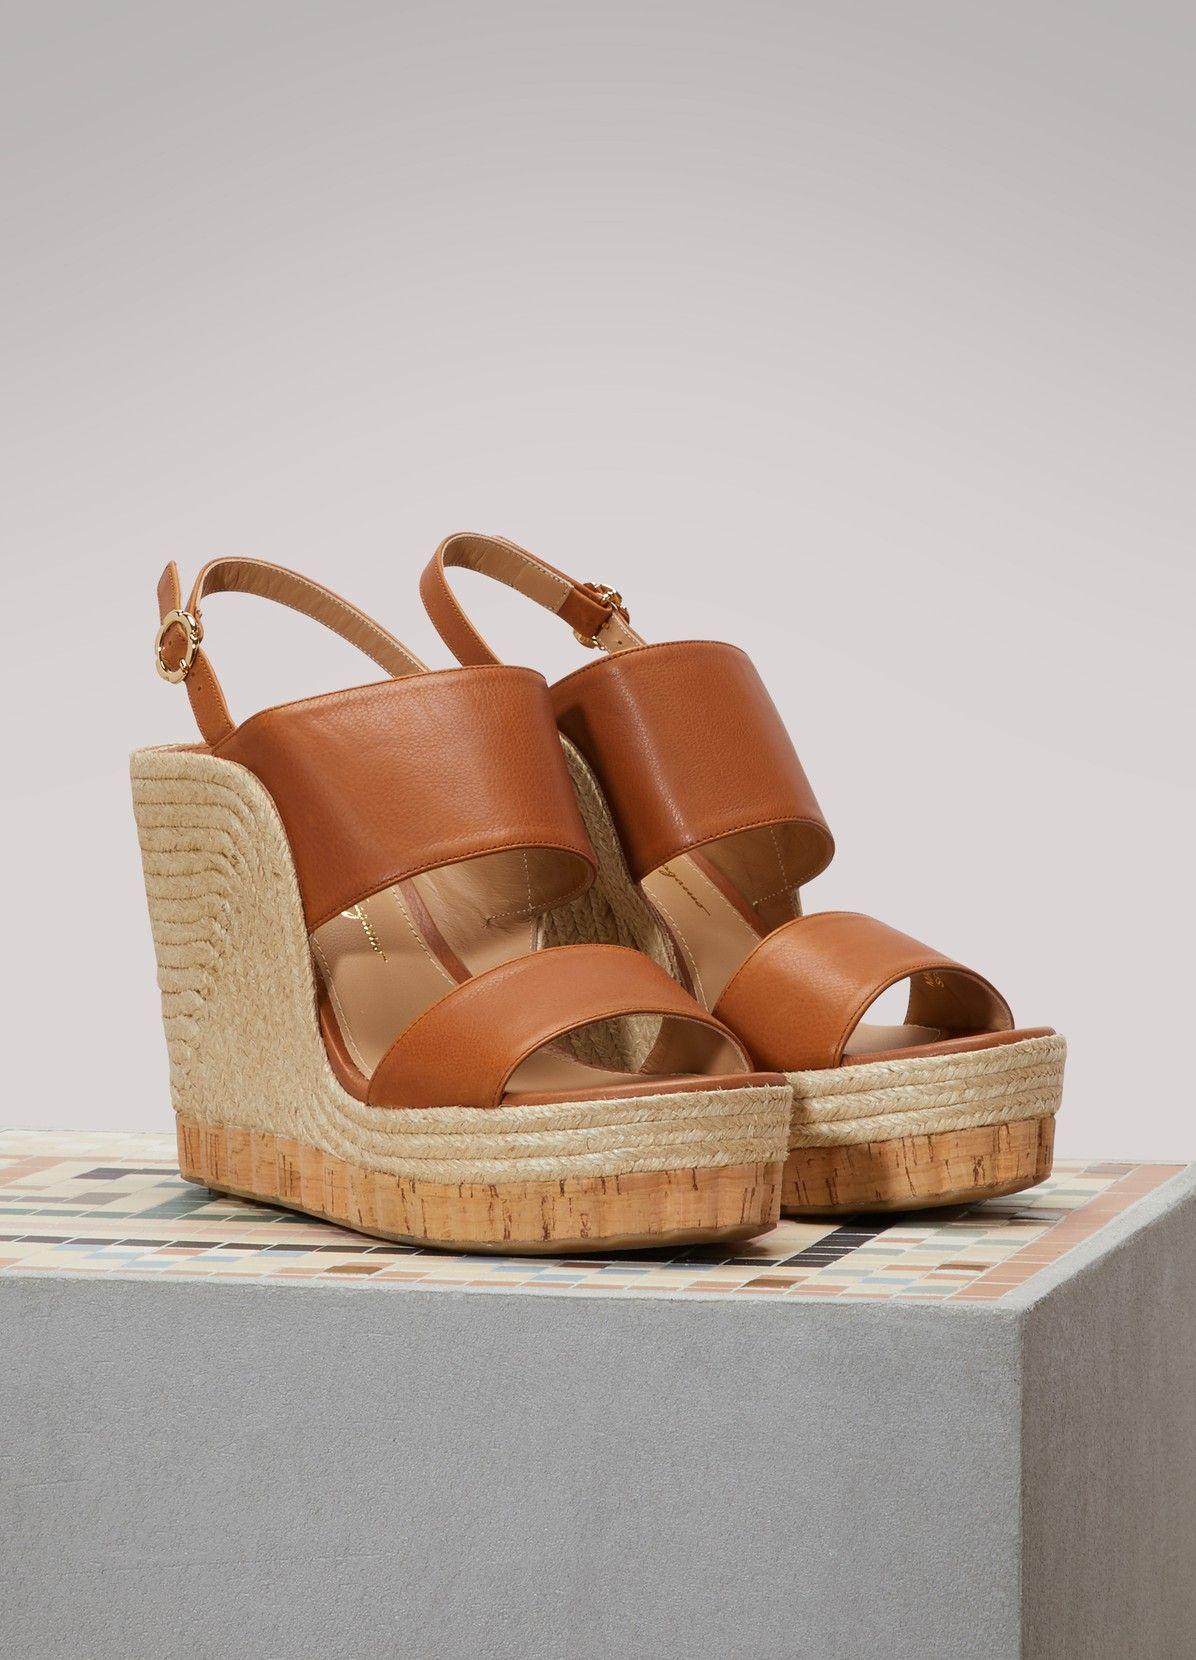 e1f0678e17a SALVATORE FERRAGAMO Maratea wedge sandals